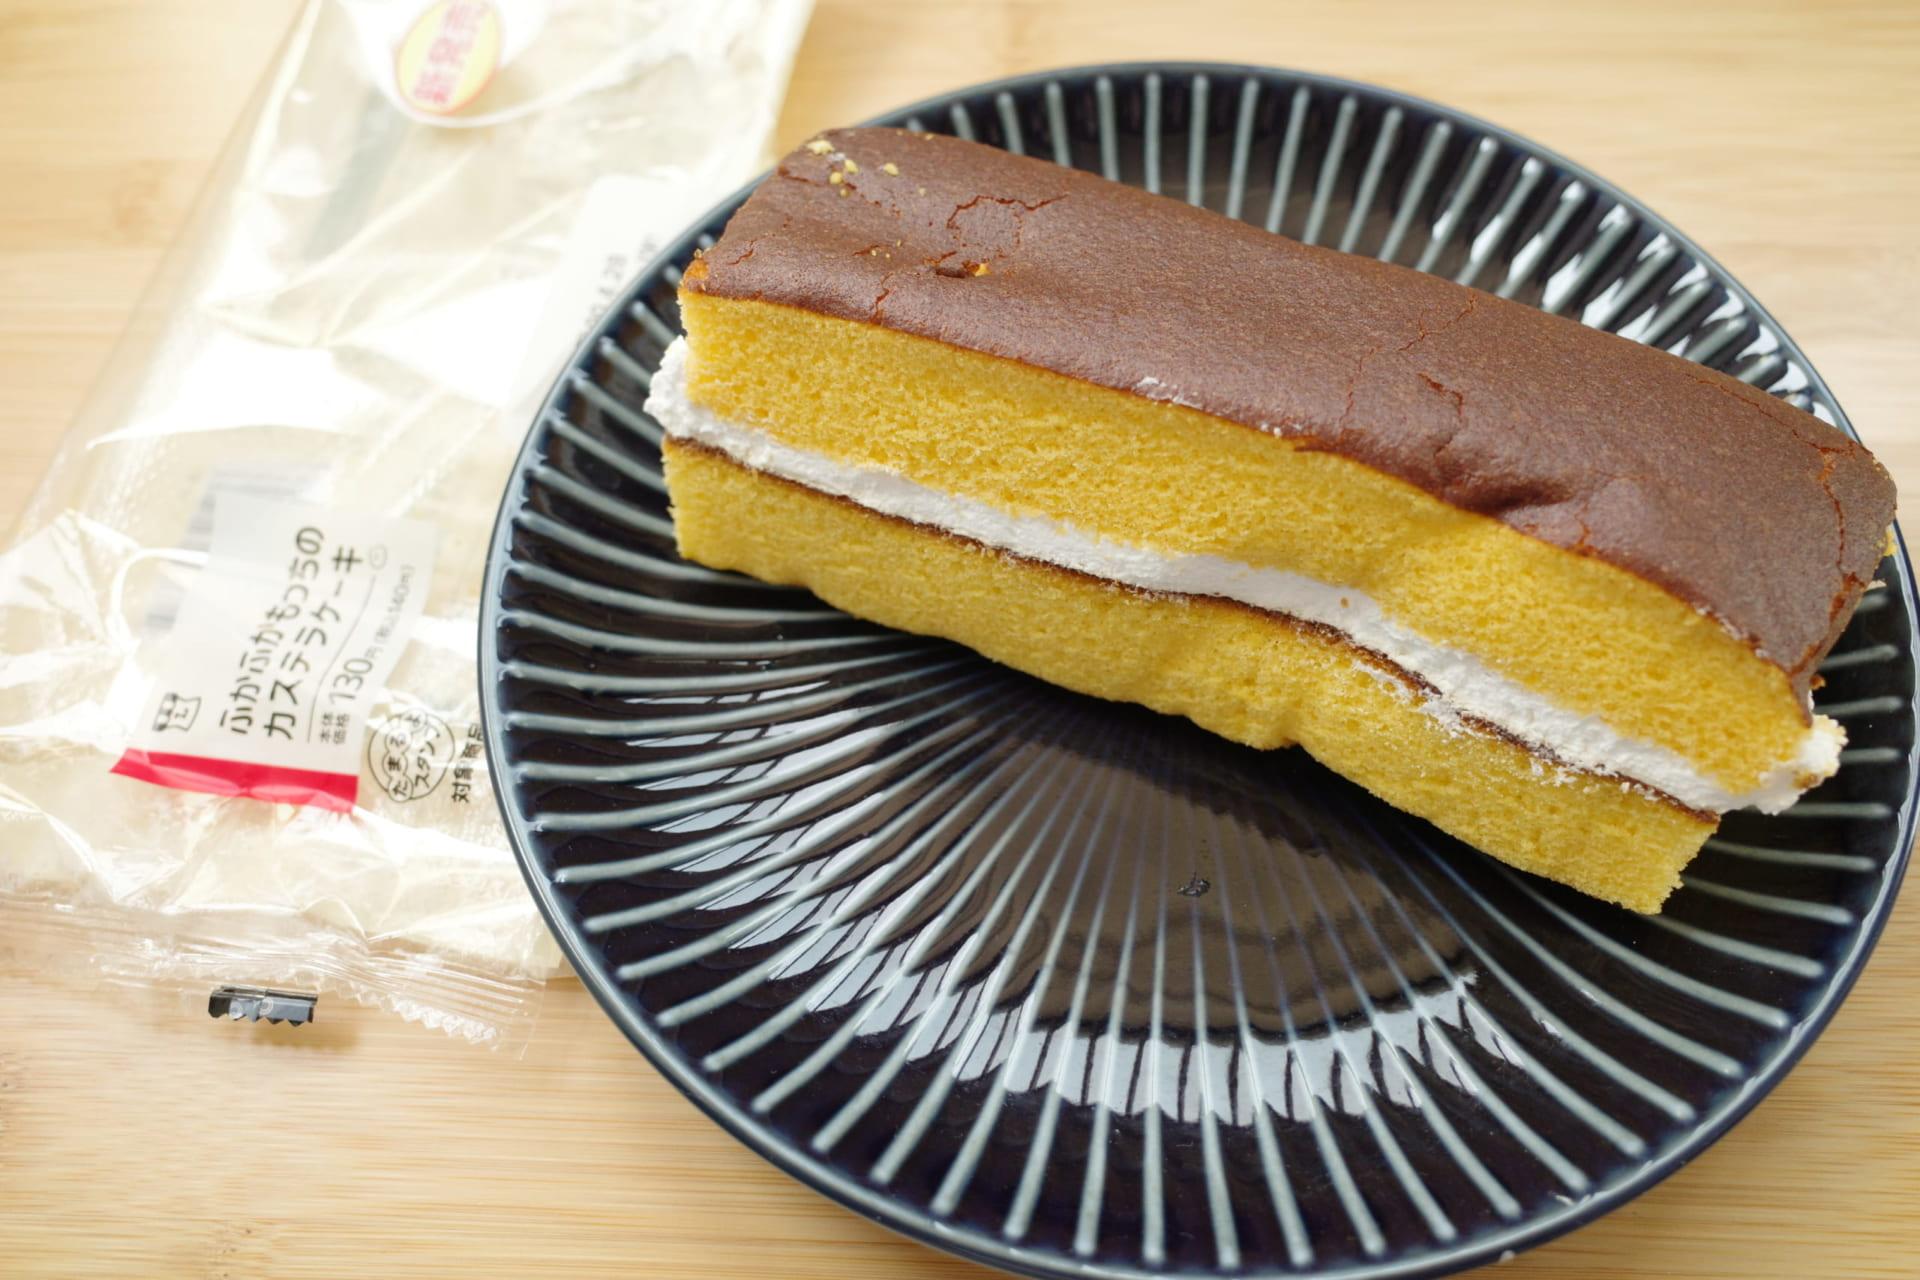 【ローソン新商品実食ルポ】おいしくてボリュームも満点「ふかふかもっちのカステラケーキ」